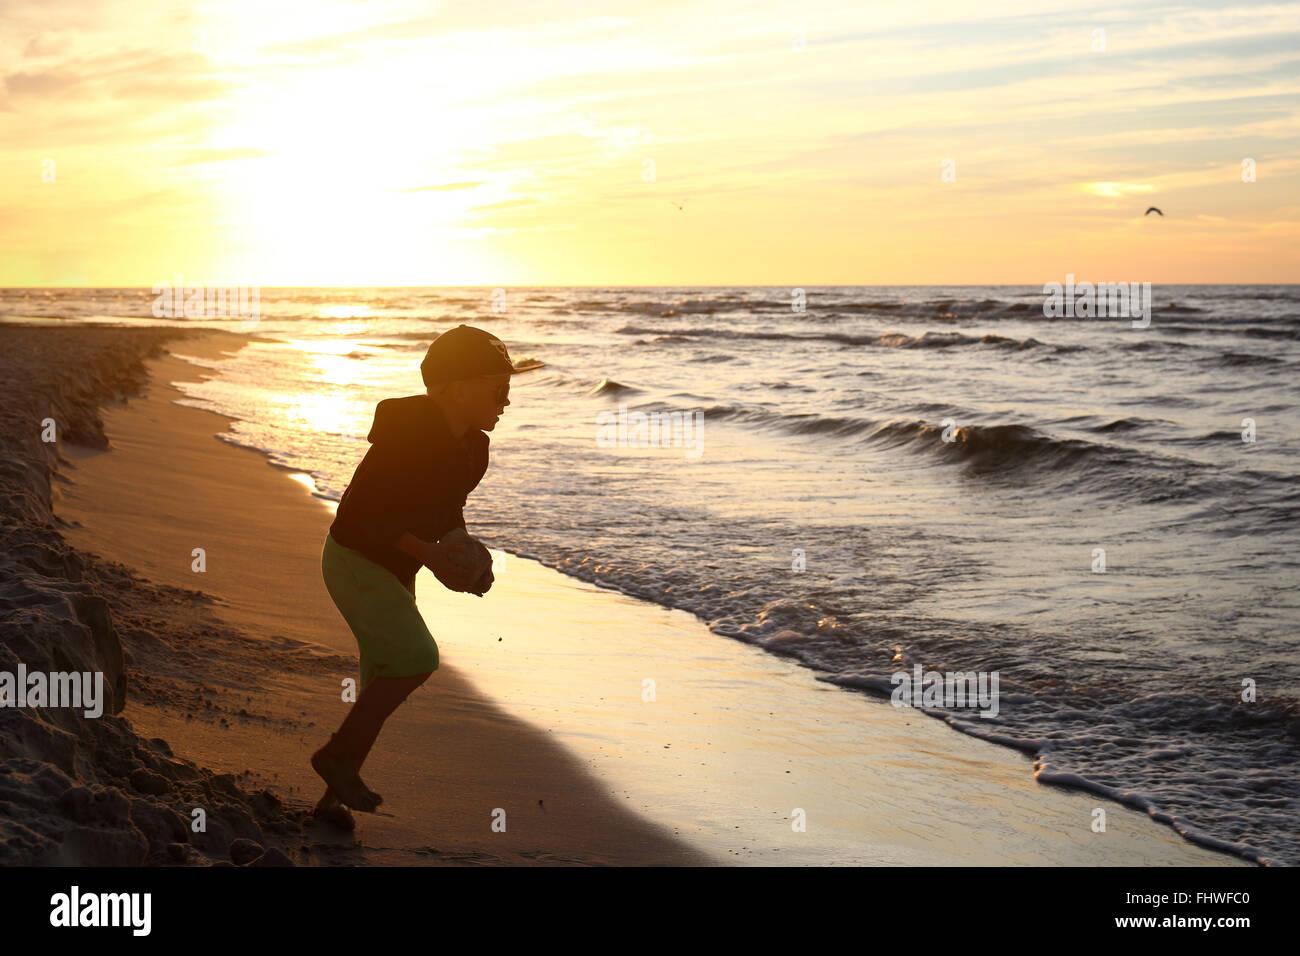 Coucher de soleil sur la mer. Fun au coucher du soleil. Jour heureux. La marche sur la plage, Coucher de soleil Photo Stock